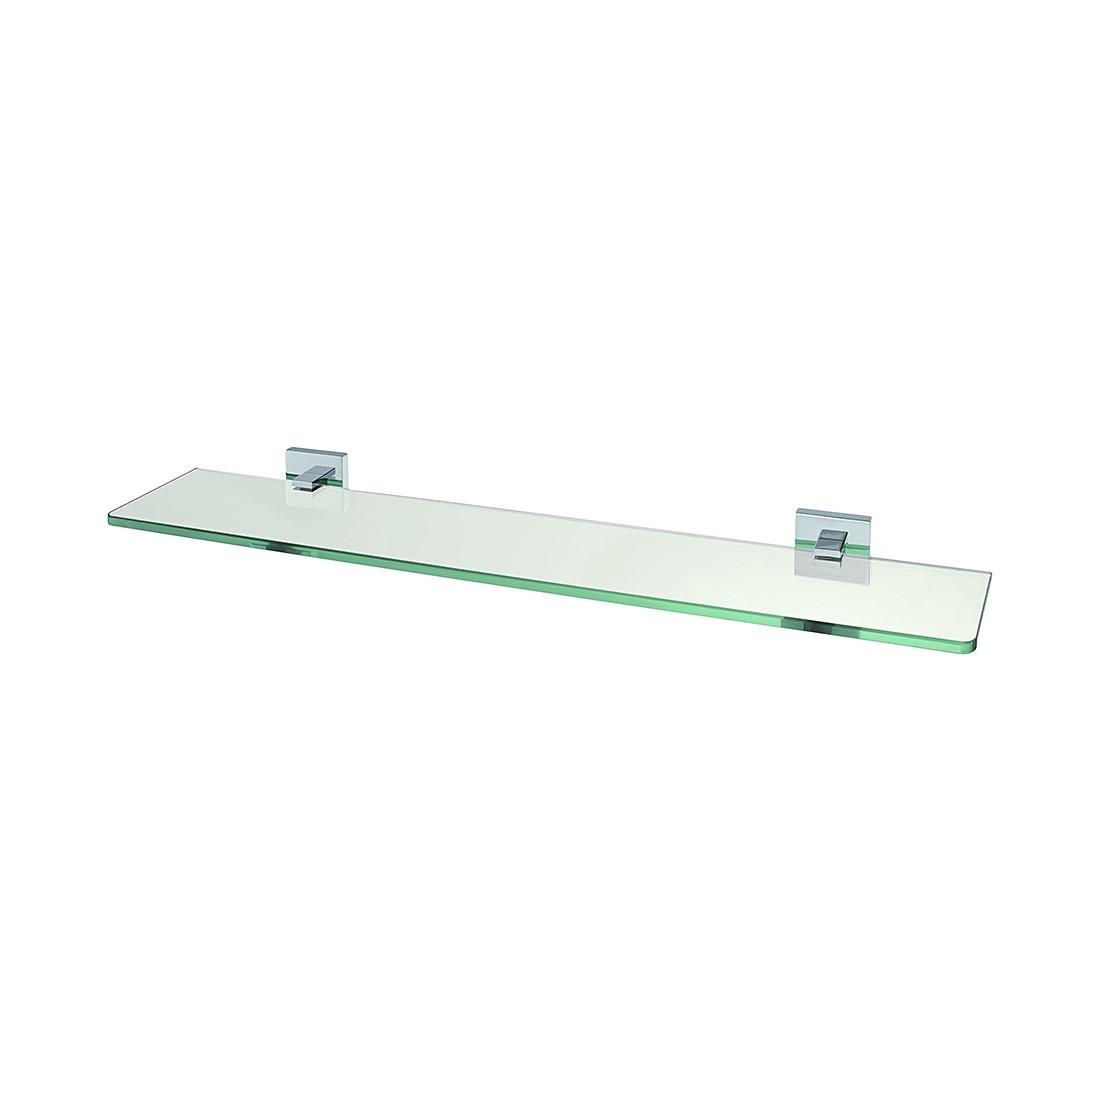 Glazen wandplank San Remo Power-Loc, Wenko u20ac 42.99 bij Home24